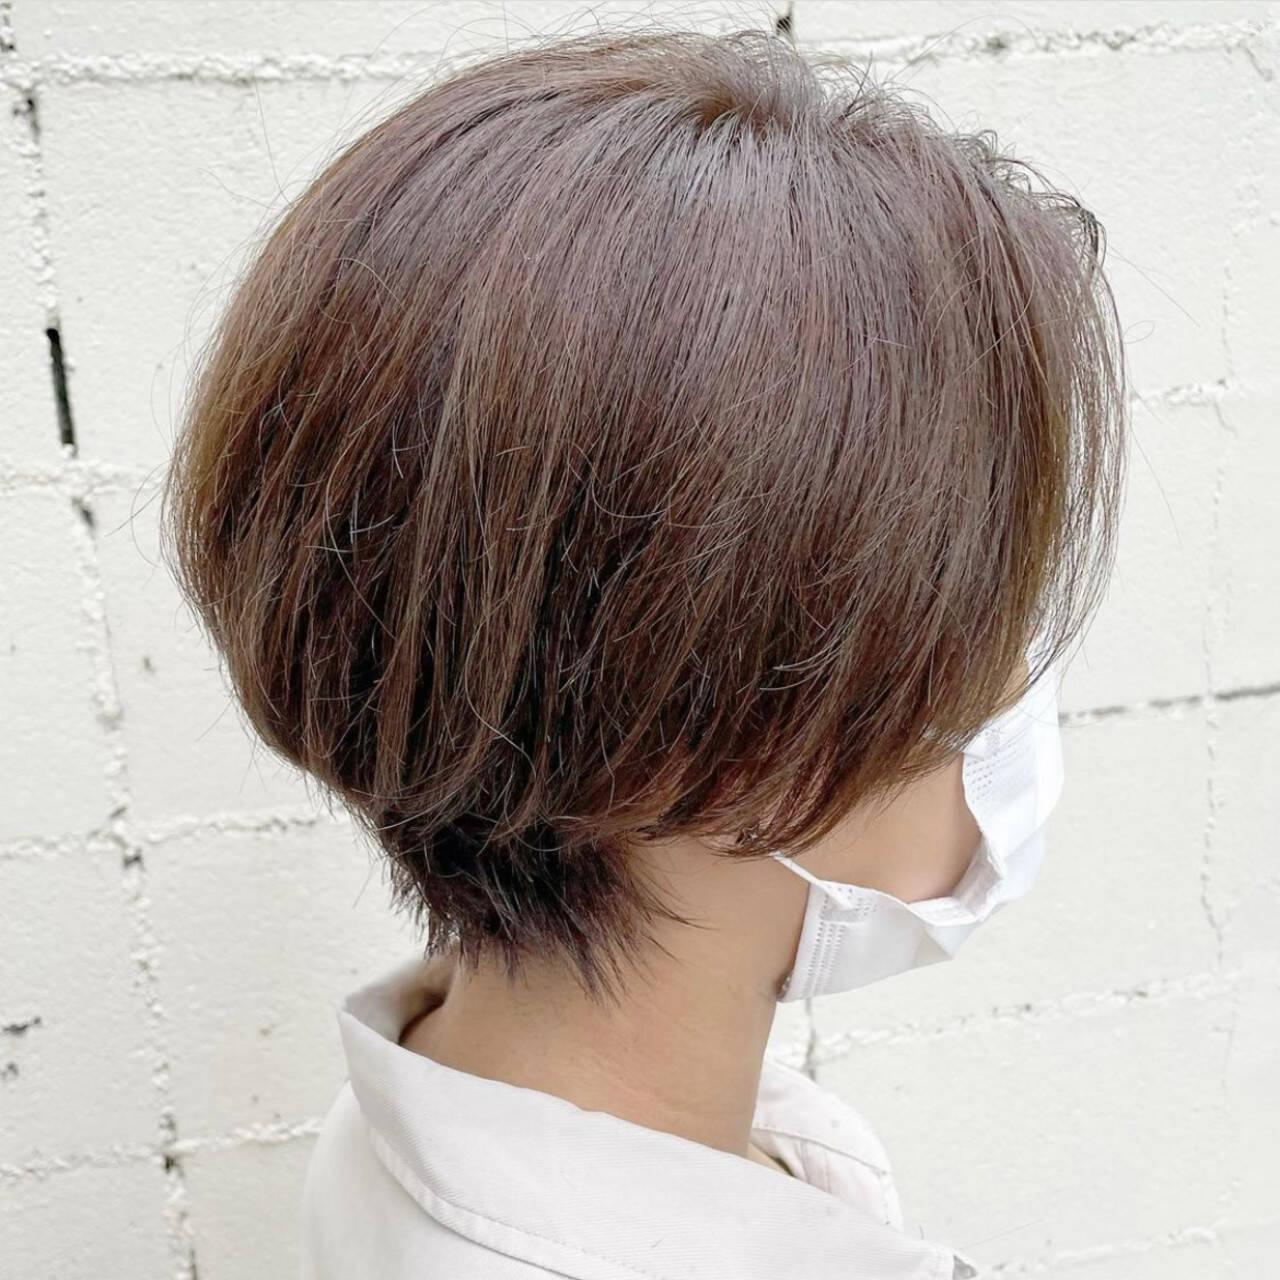 グレージュ ショート ショートヘア ショートボブヘアスタイルや髪型の写真・画像